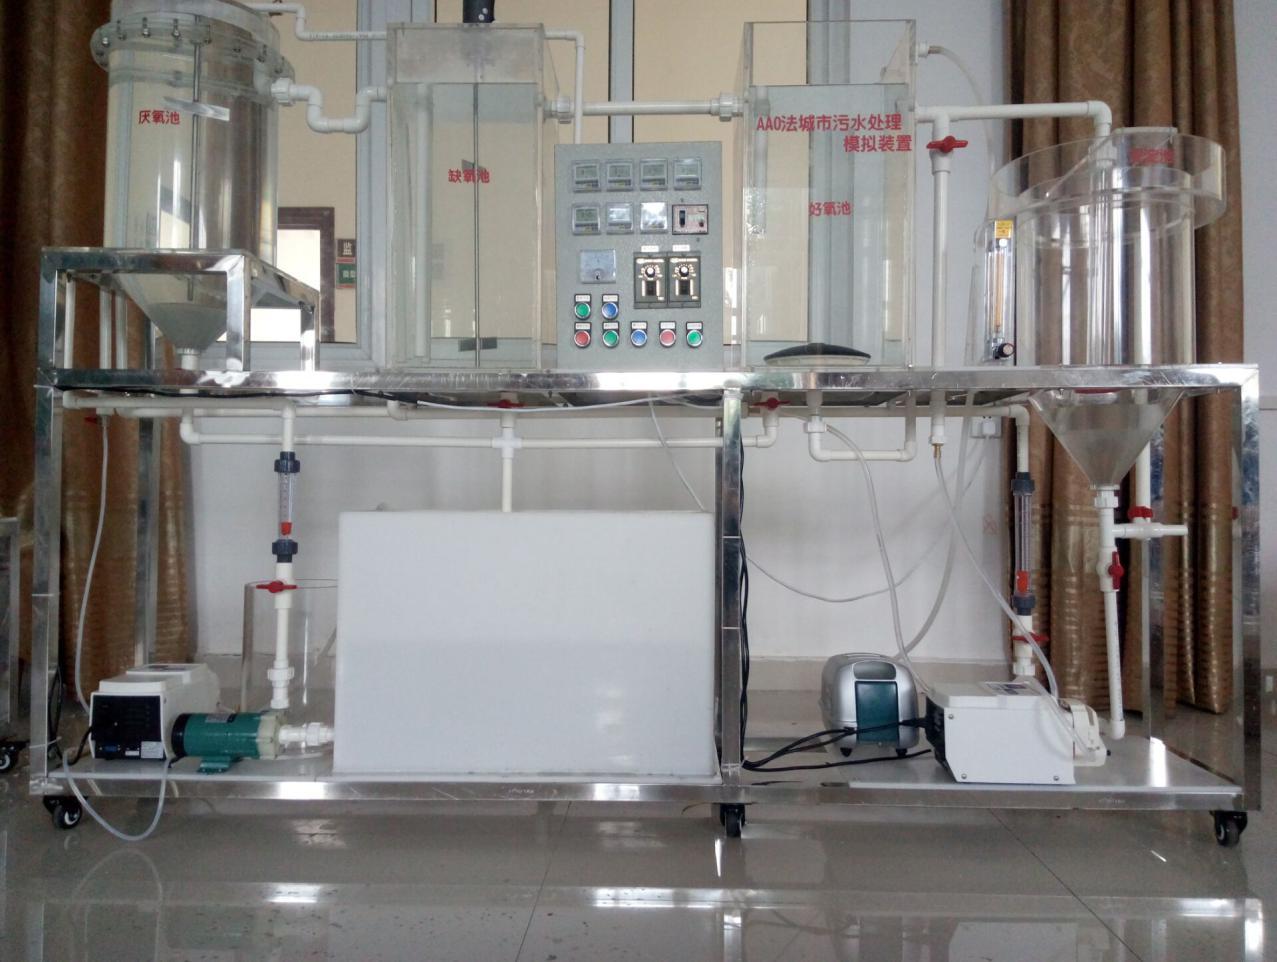 苏州报价合理的A2O法城市污水处理模拟设备哪里买,专业的城市污水实验装置